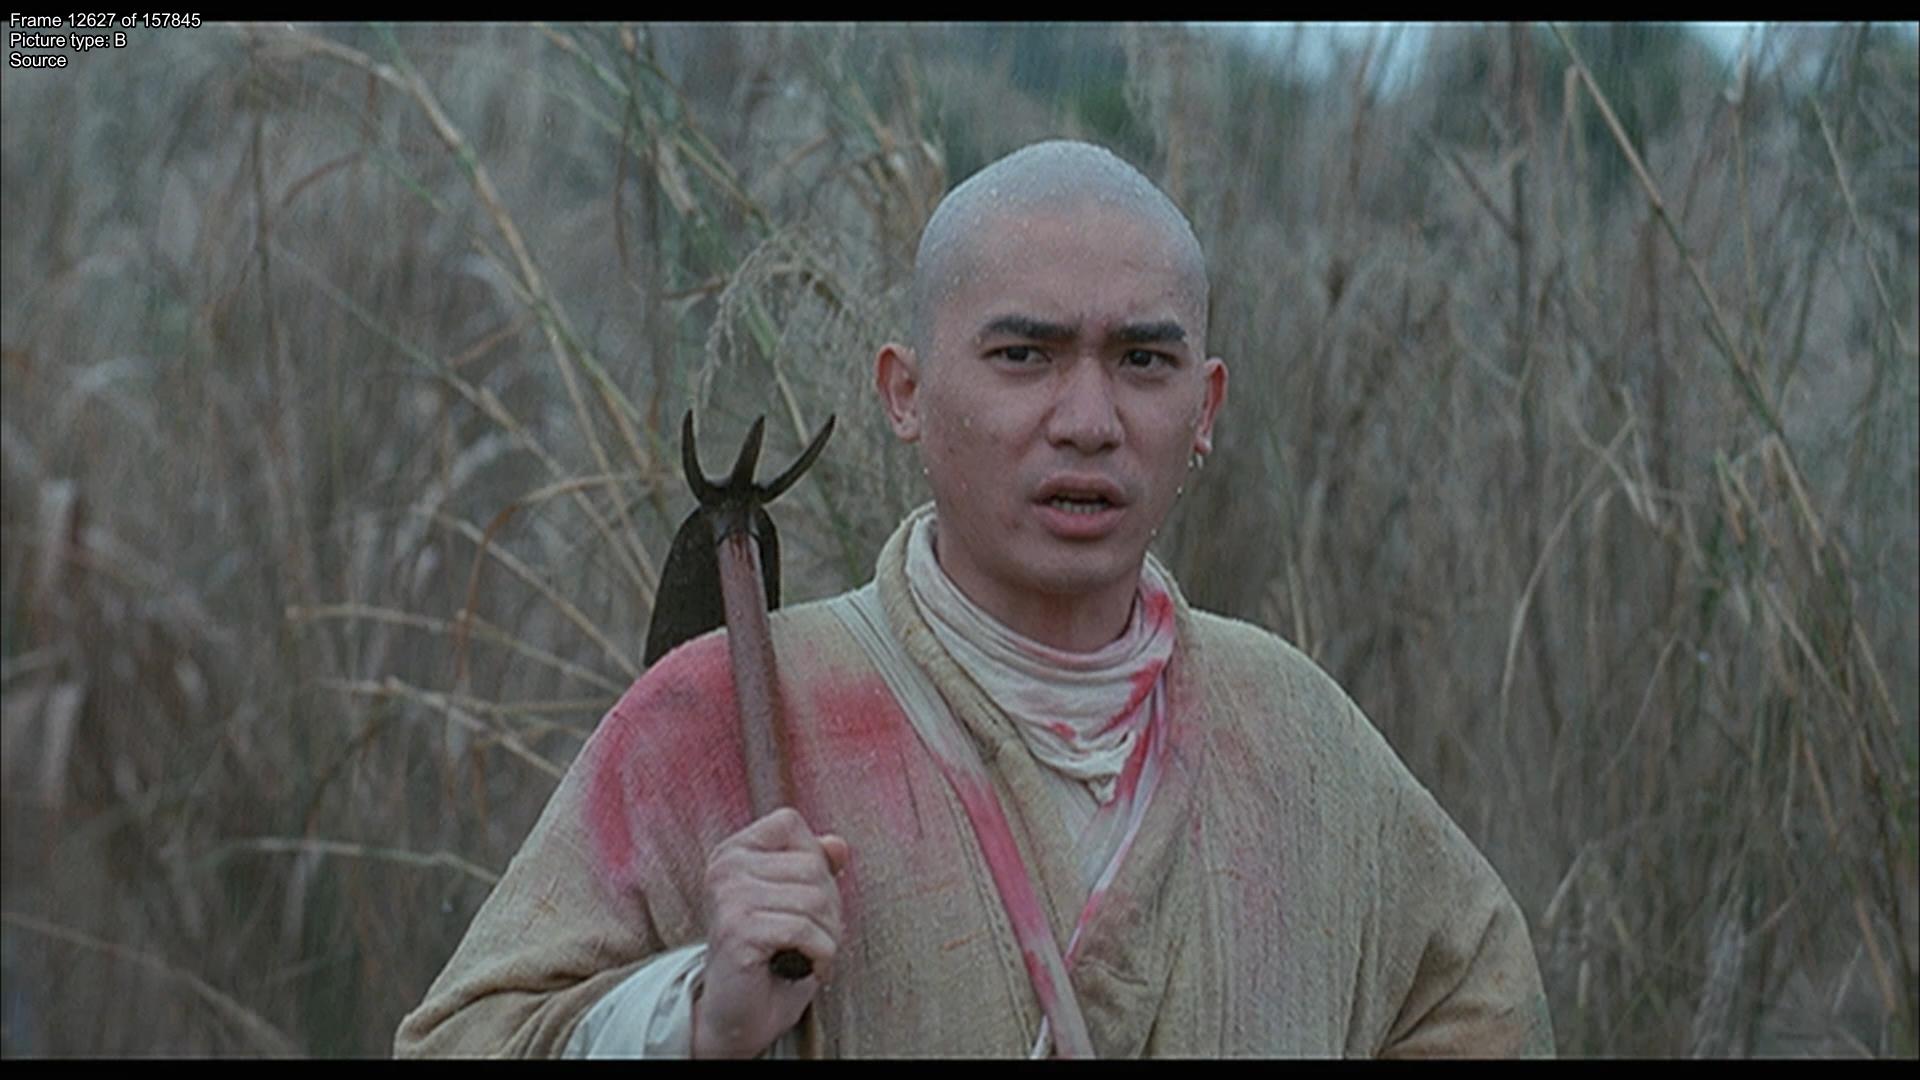 倩女幽魂3.1991.Blu-ray.1080p.Remux.AVC.DTS-HD.MA-5....